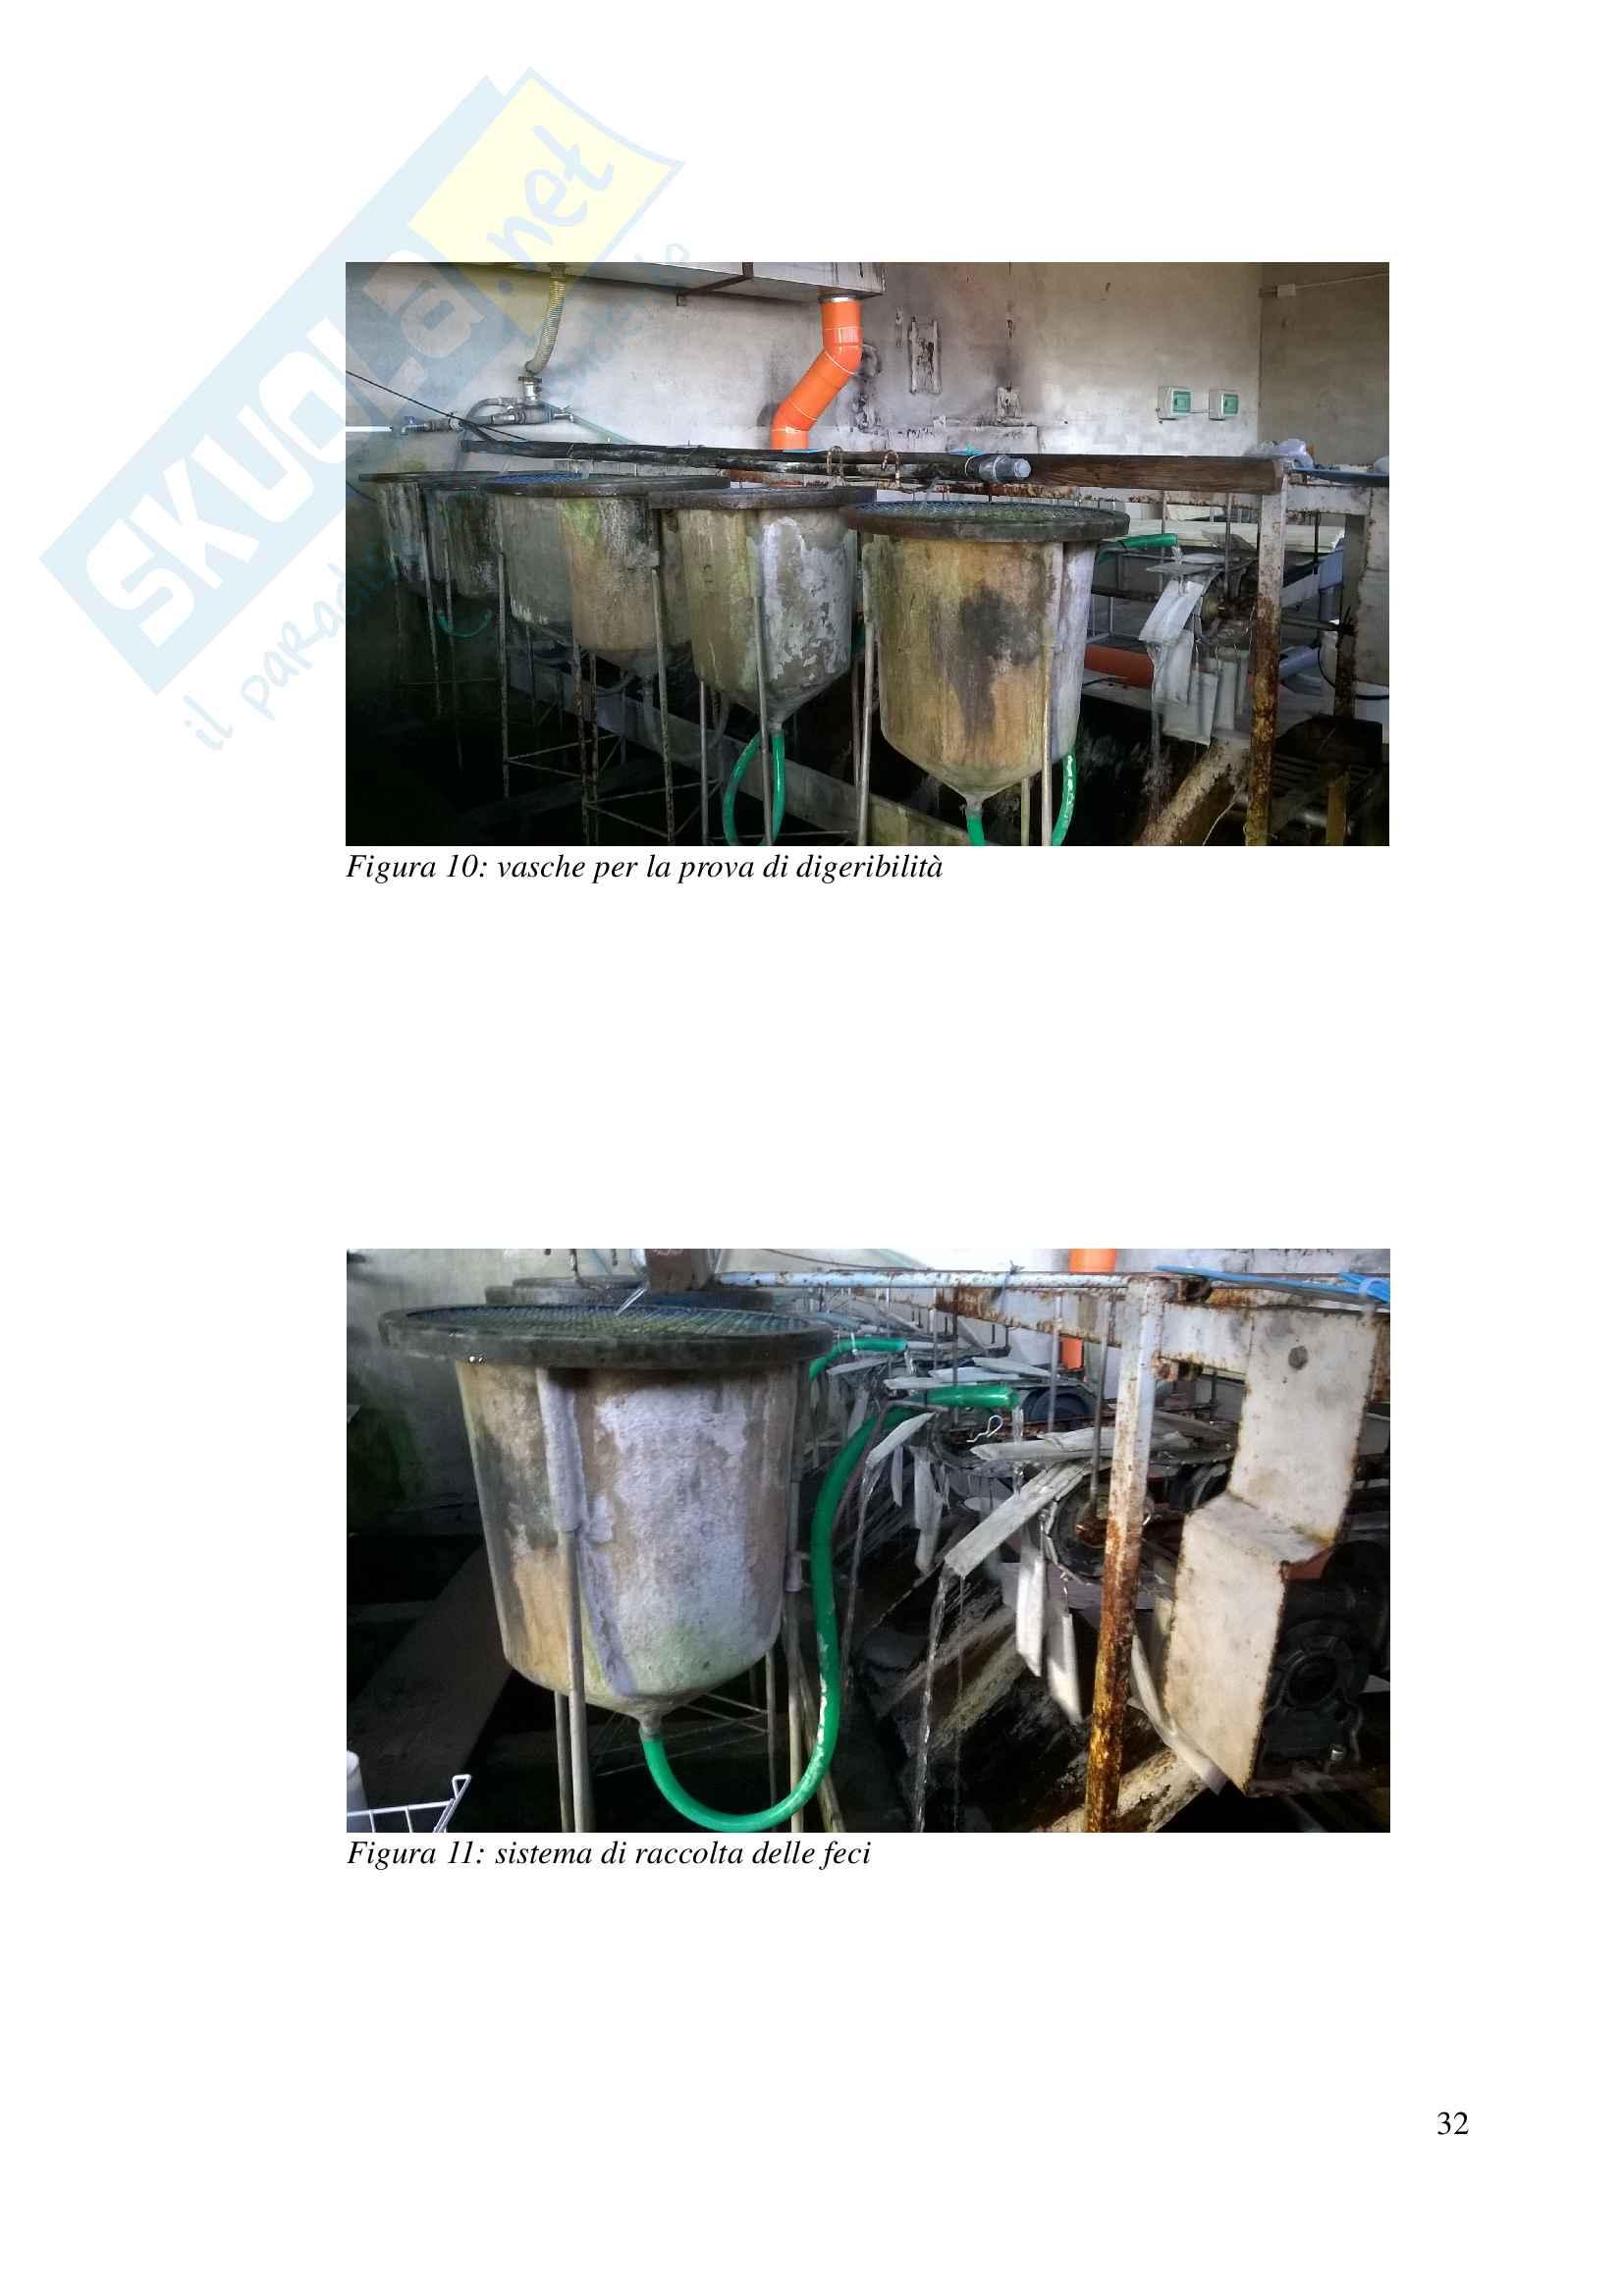 La farina di insetti una potenziale materia prima per l acquacoltura moderna Pag. 36